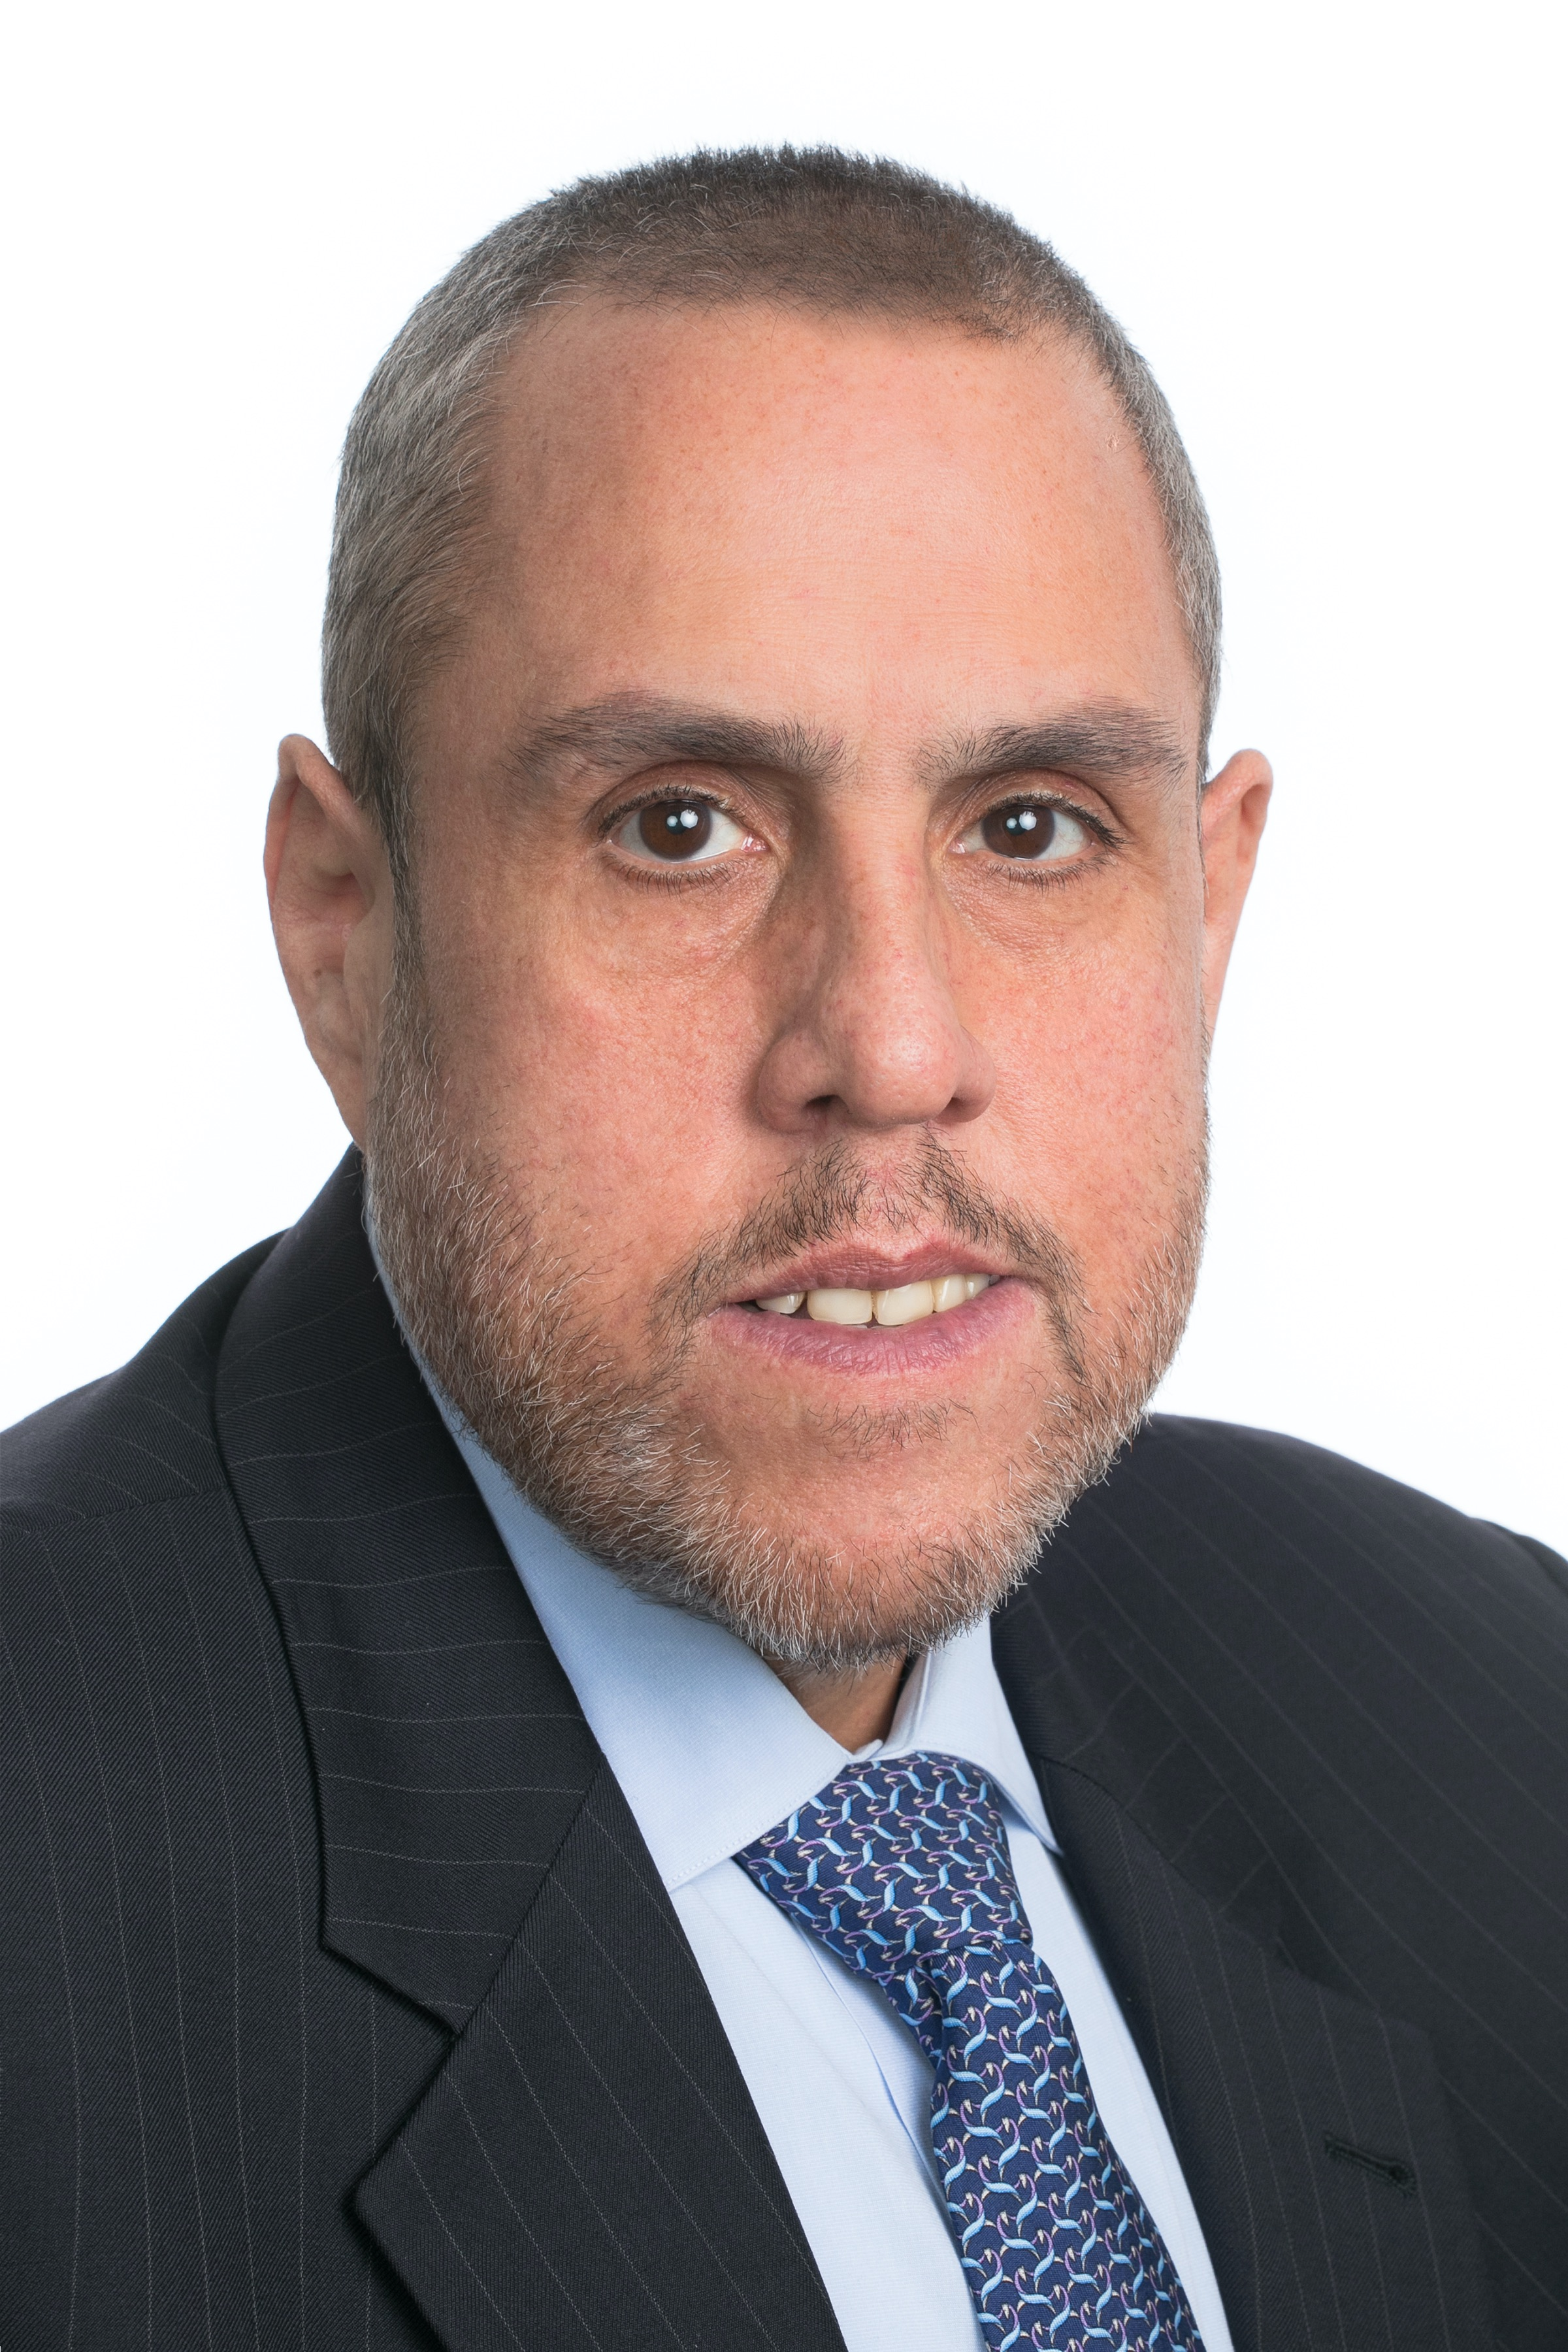 Hector R. undefined Rojas